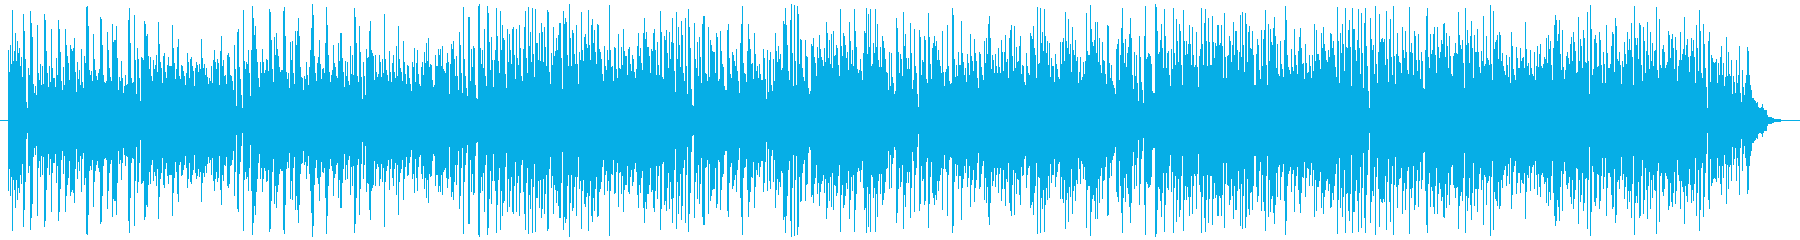 ボサノバ調のかわいらしい曲の再生済みの波形